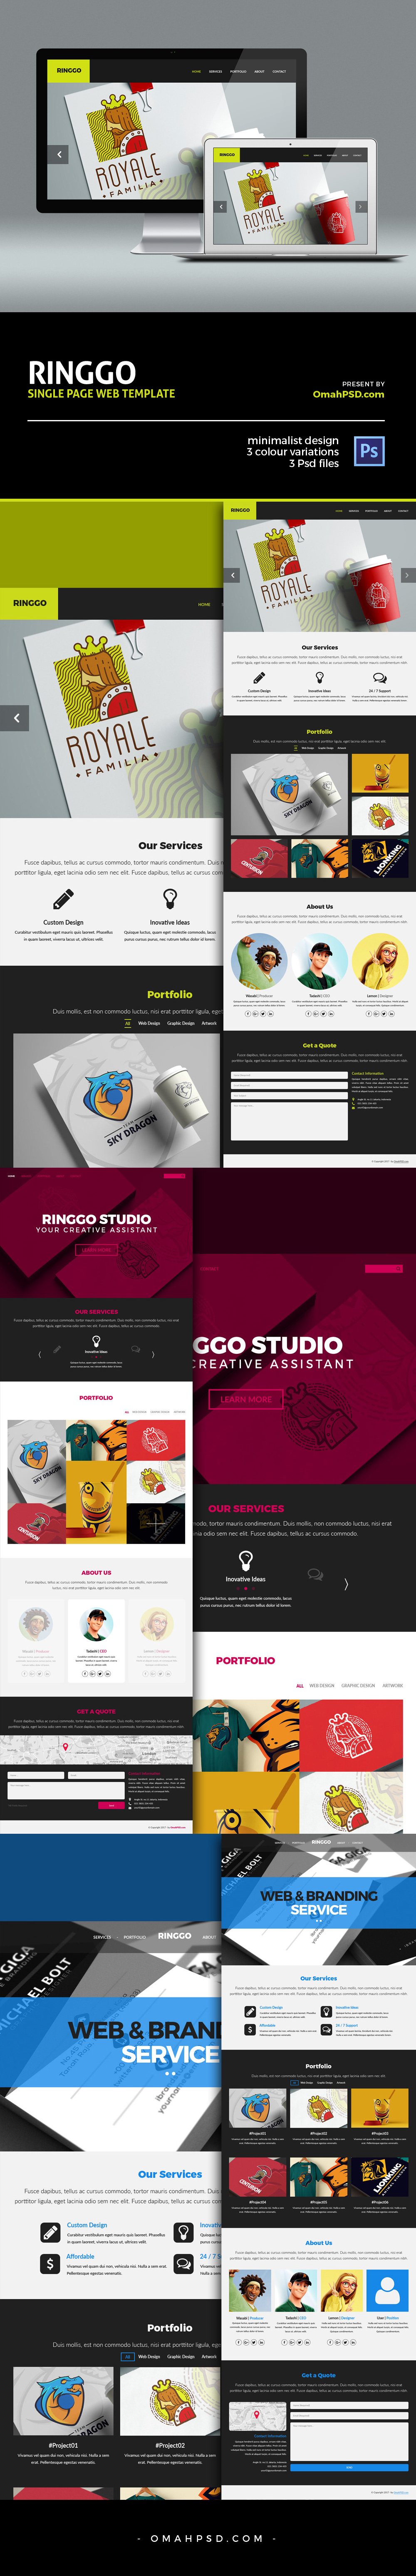 Free Ringgo One Page Portfolio PSD Template